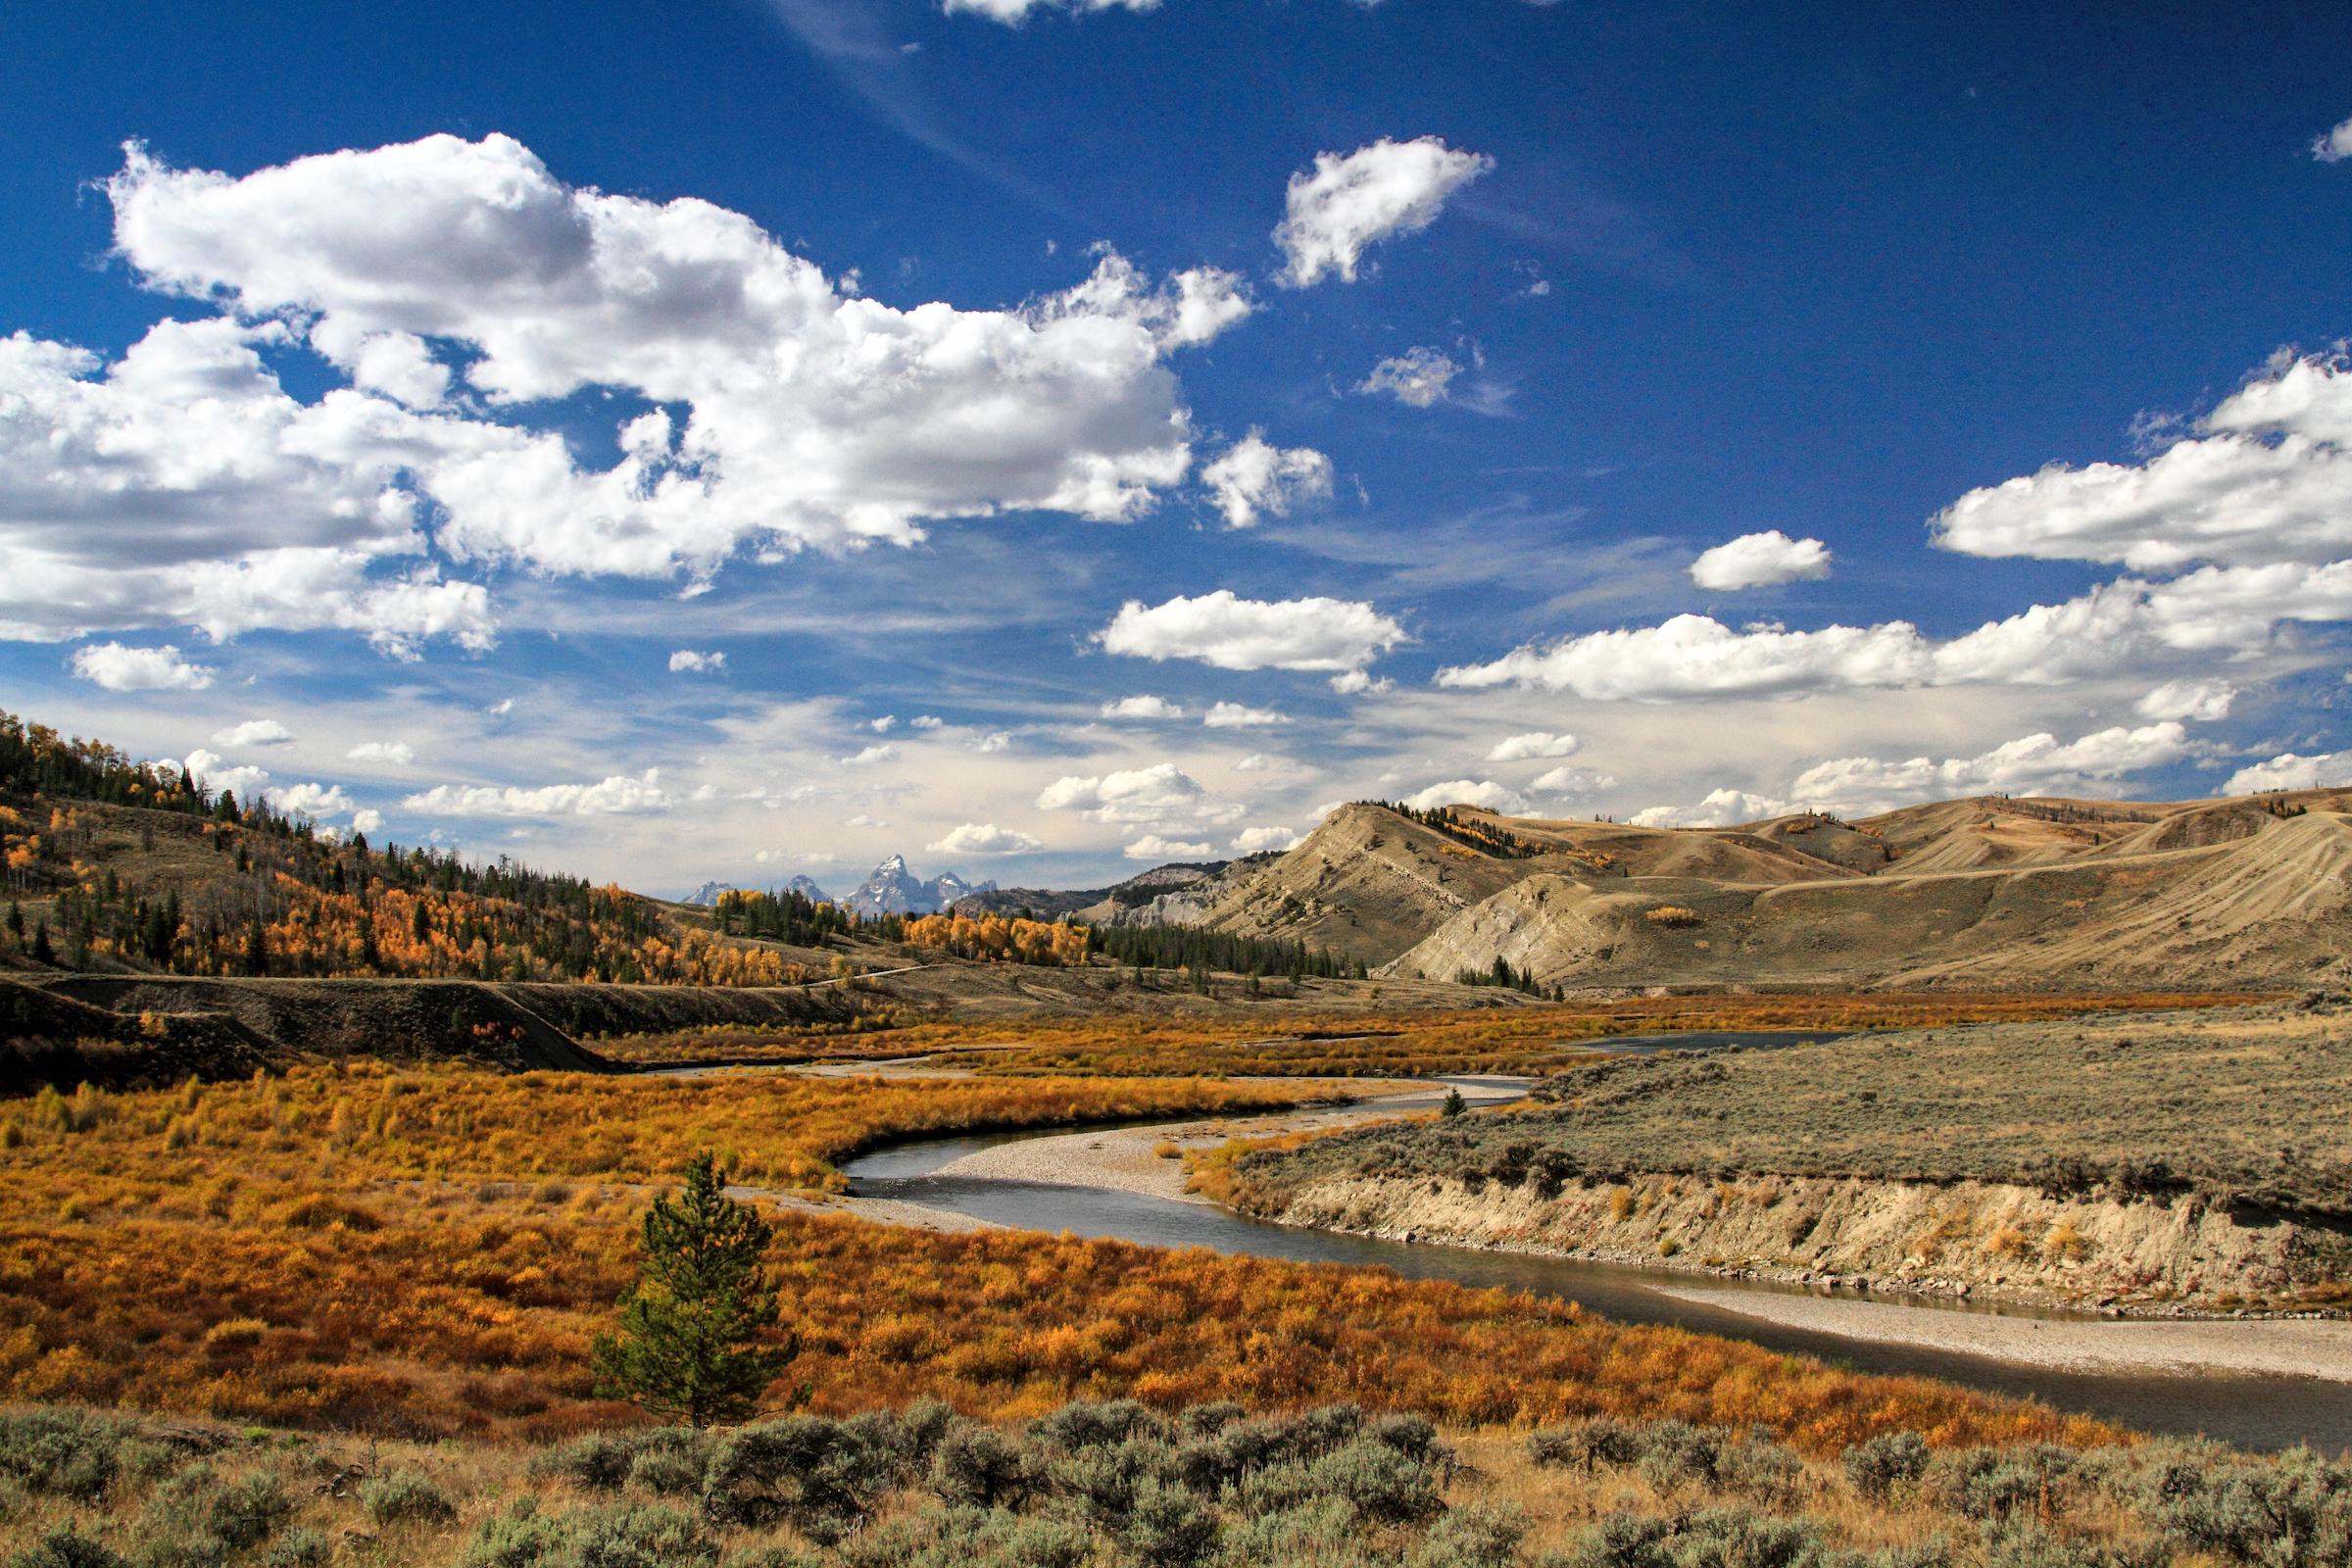 Keith Crowley, Teton landscape